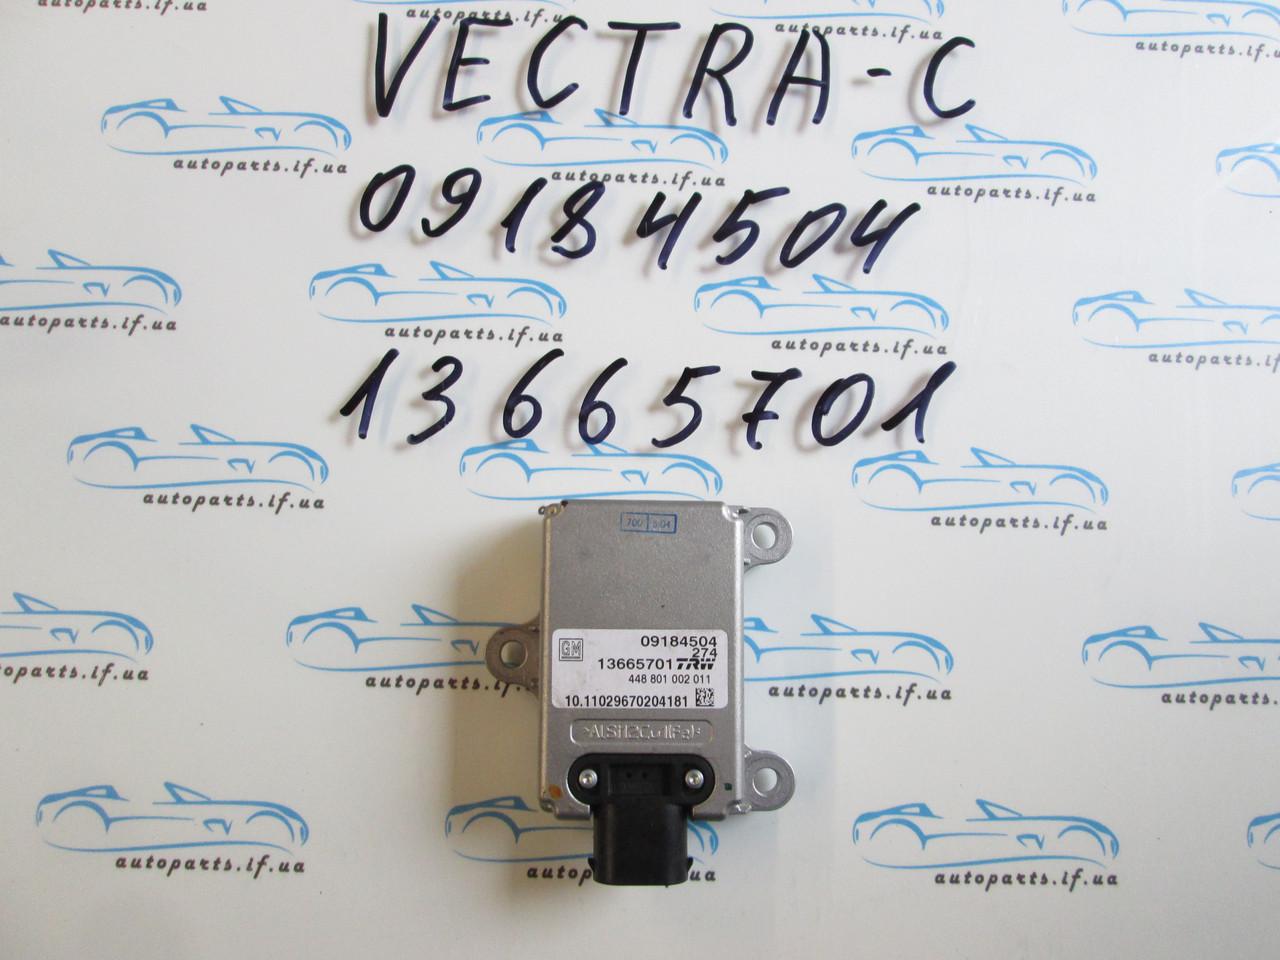 Блок управления ESP Vectra C 09184504, 13665701 №1